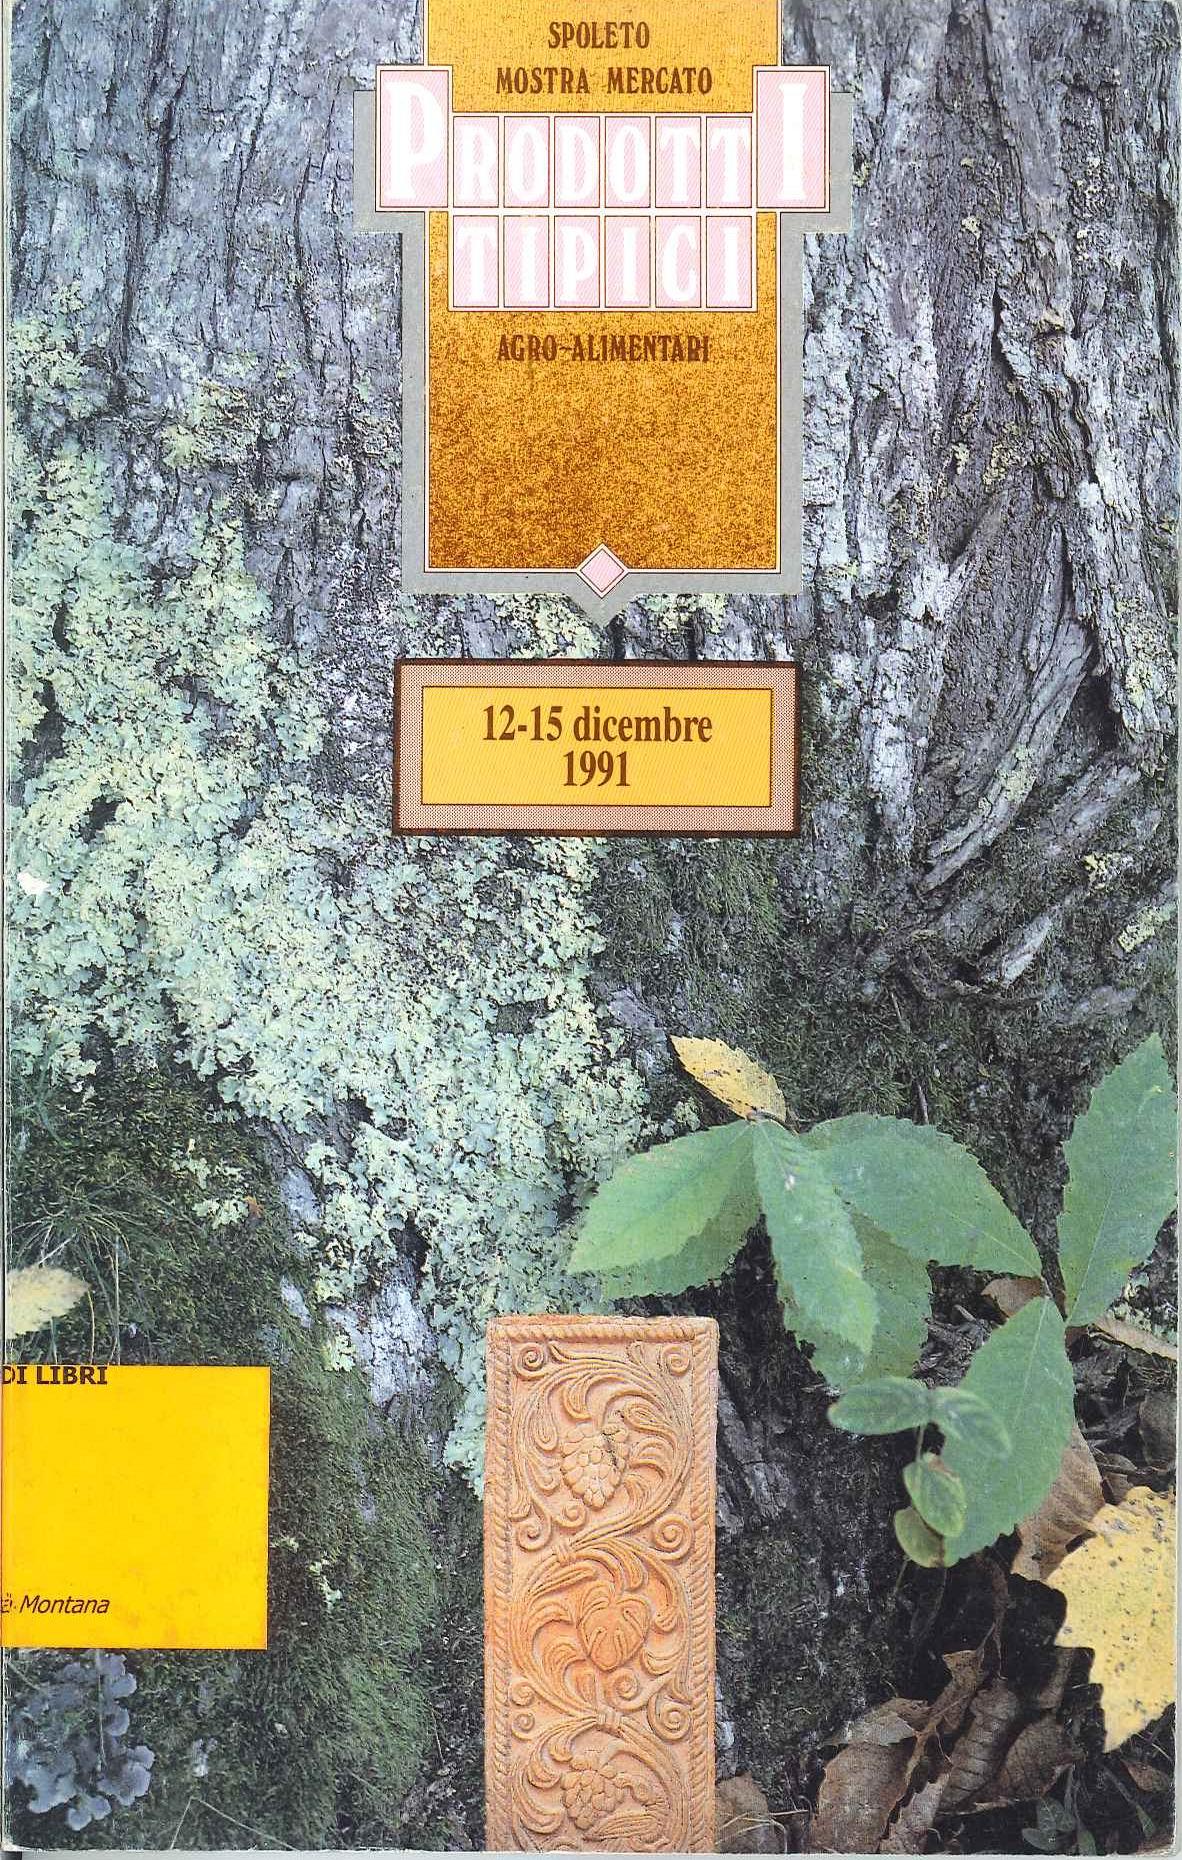 Spoleto. Mostra mercato prodotti tipici agroalimentari (12-15 dicembre 1991)